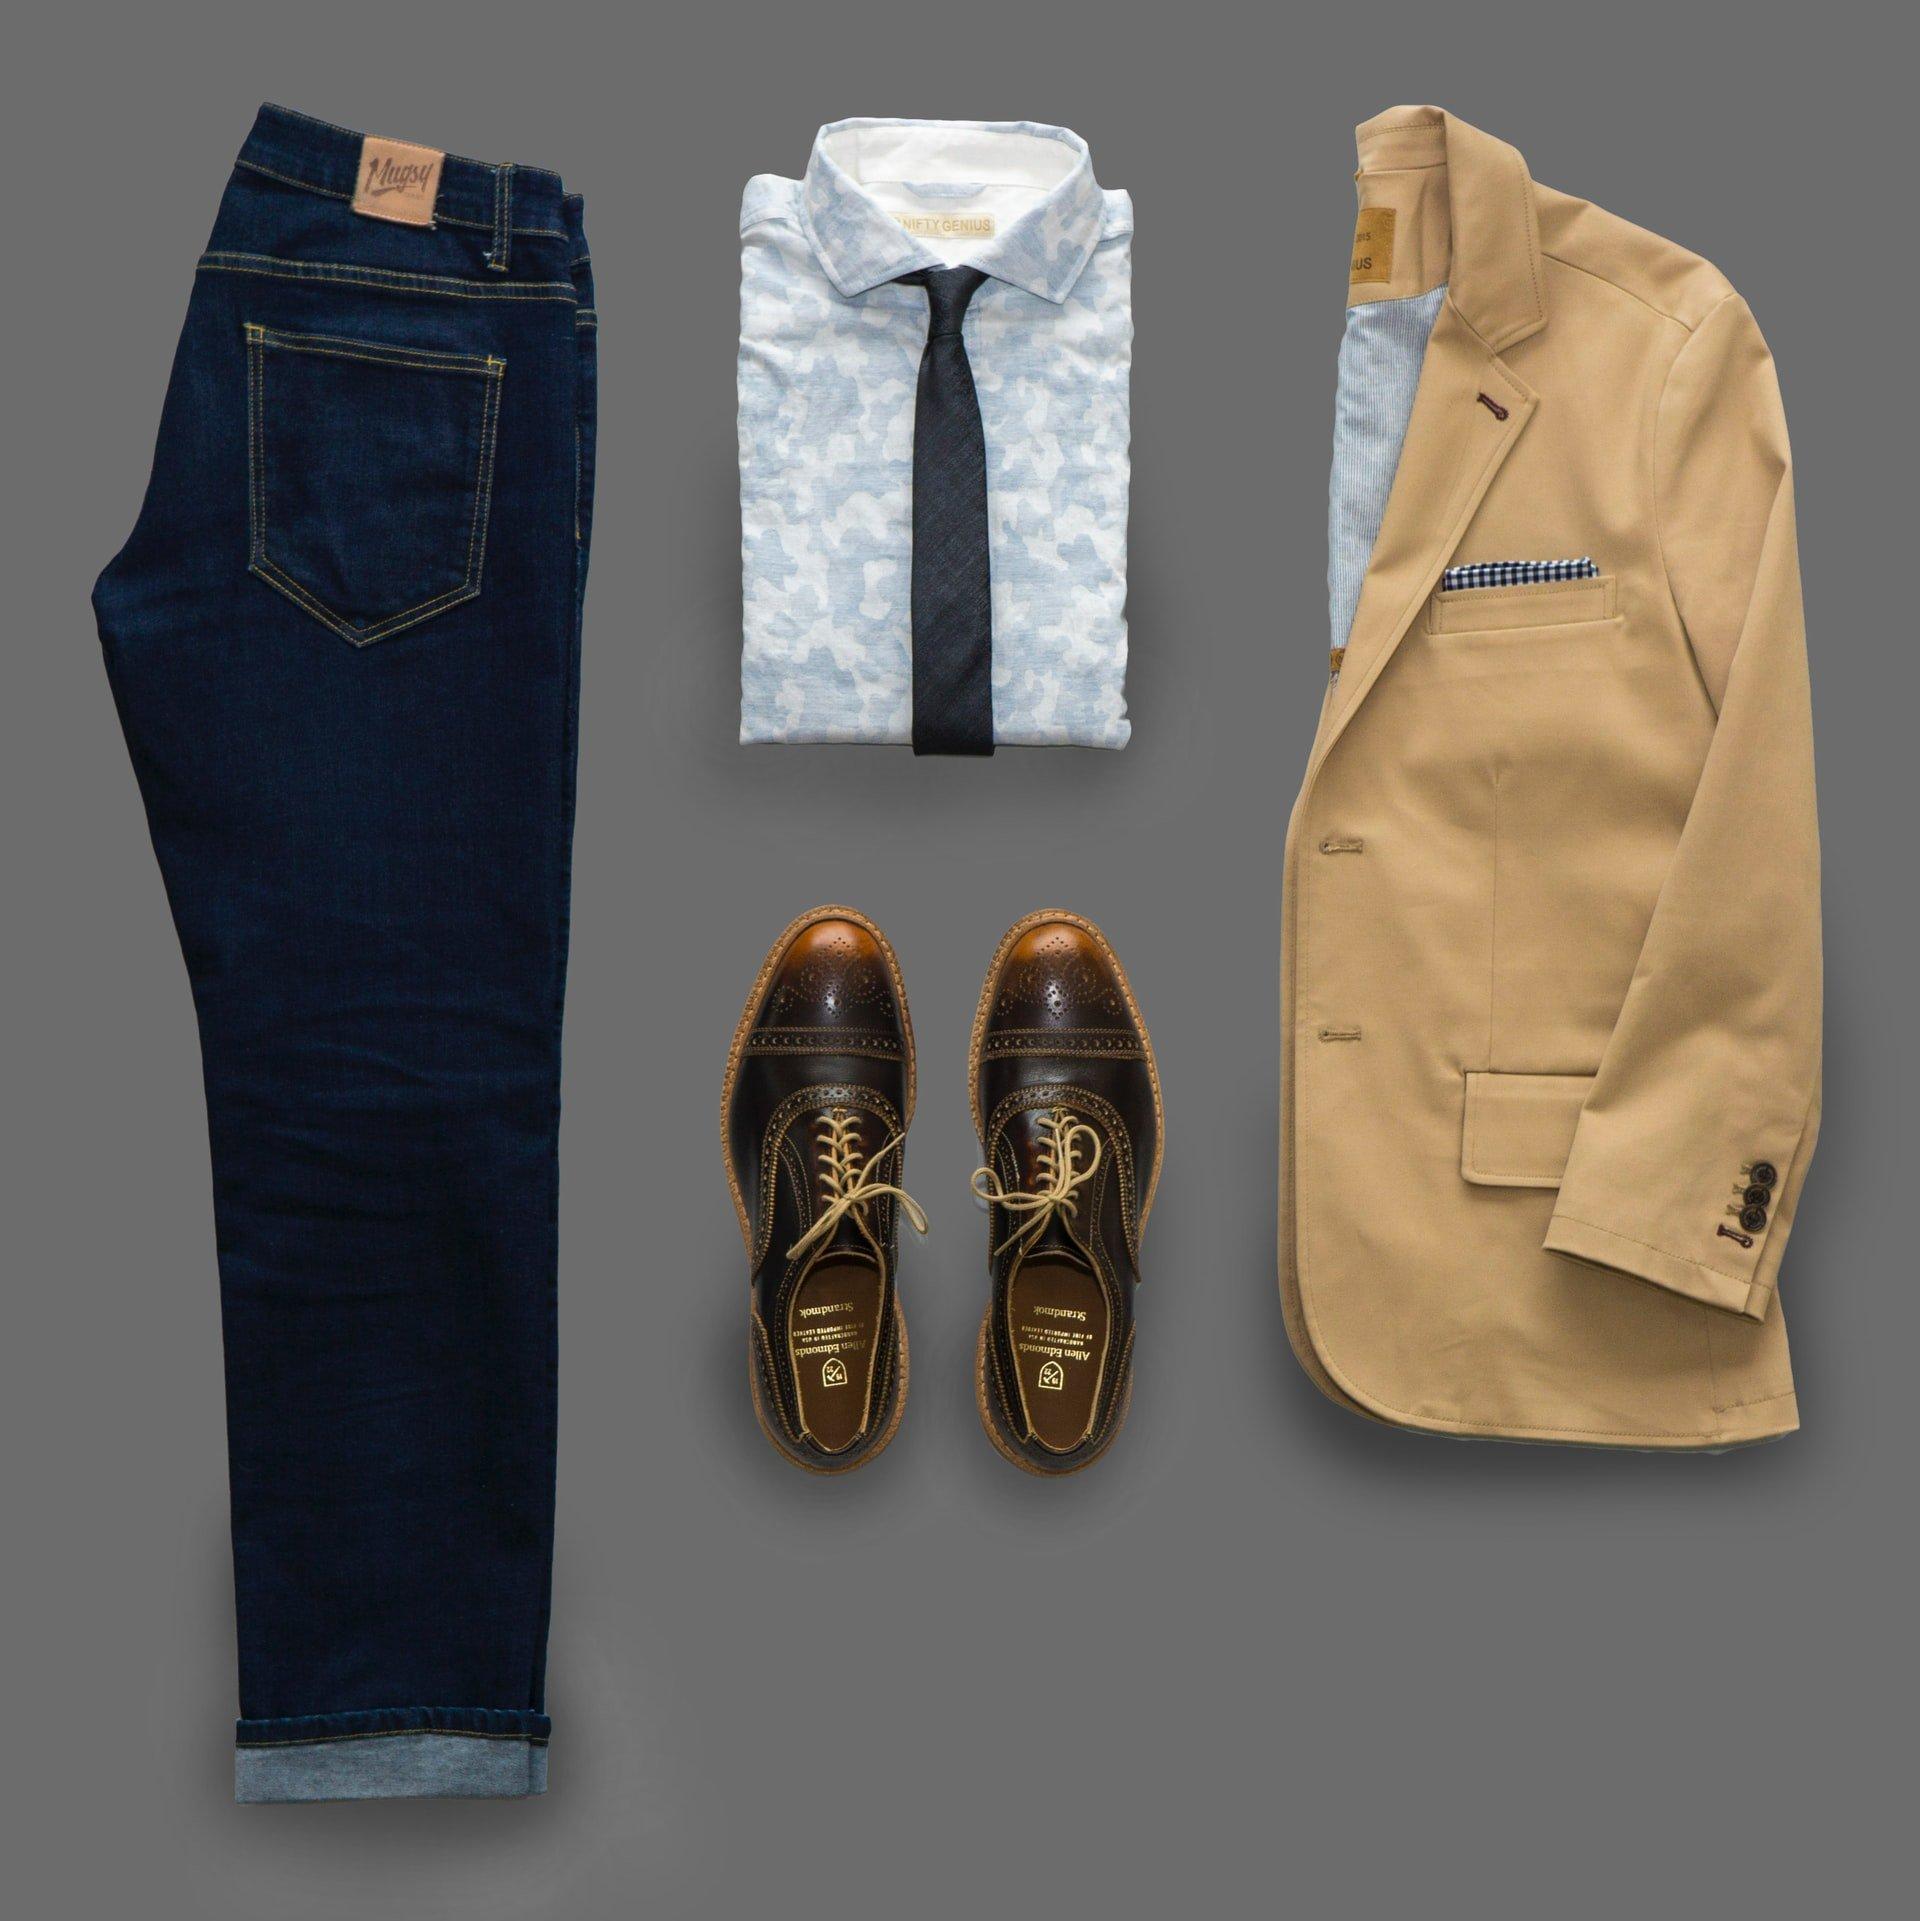 Pantofi eleganți care se potrivesc cu blugi